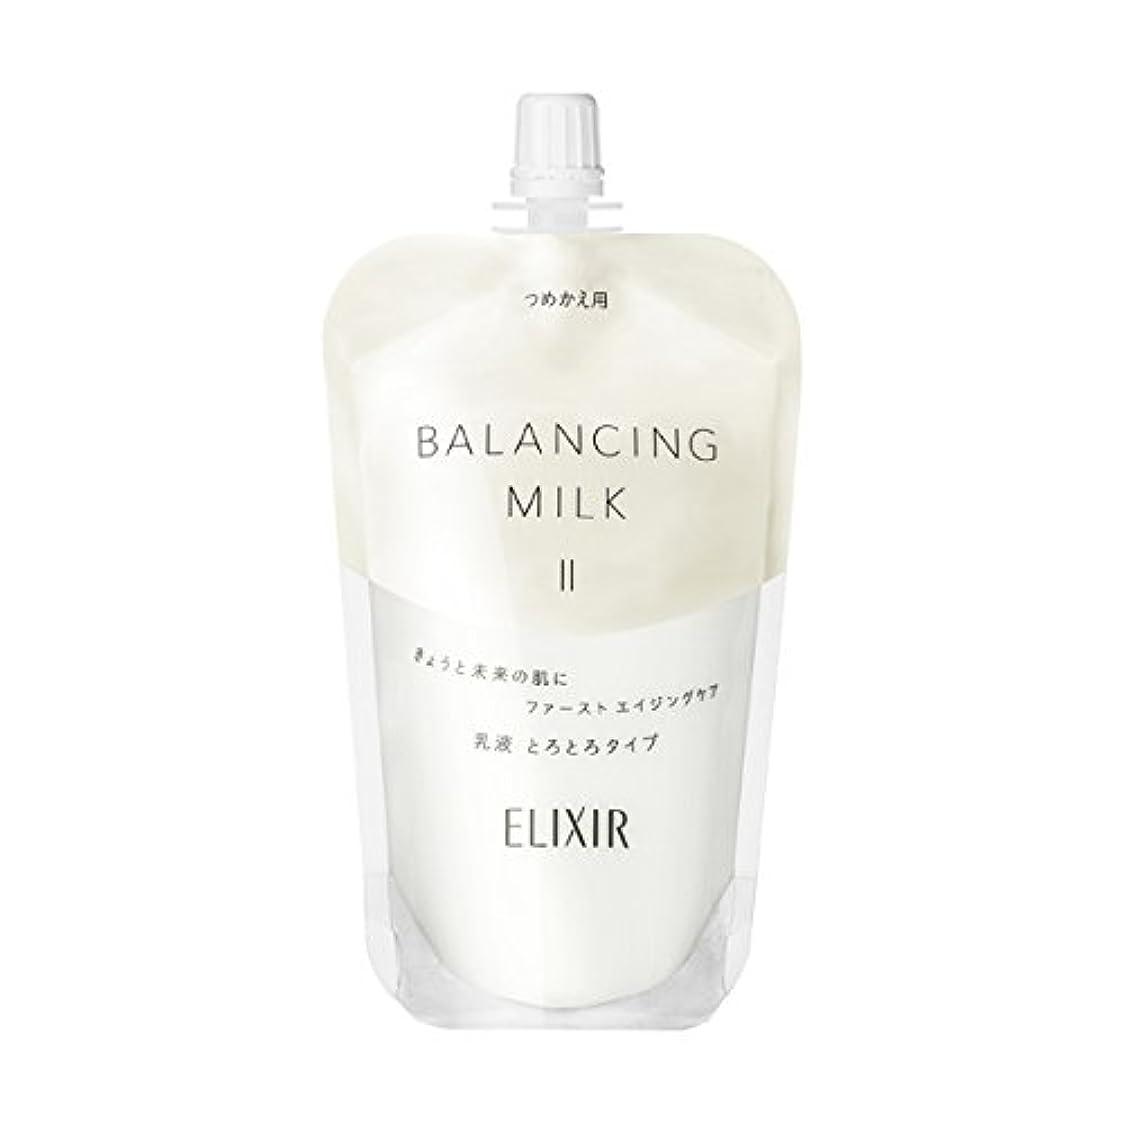 エリクシール ルフレ バランシング ミルク 乳液 2 (とろとろタイプ) (つめかえ用) 110mL